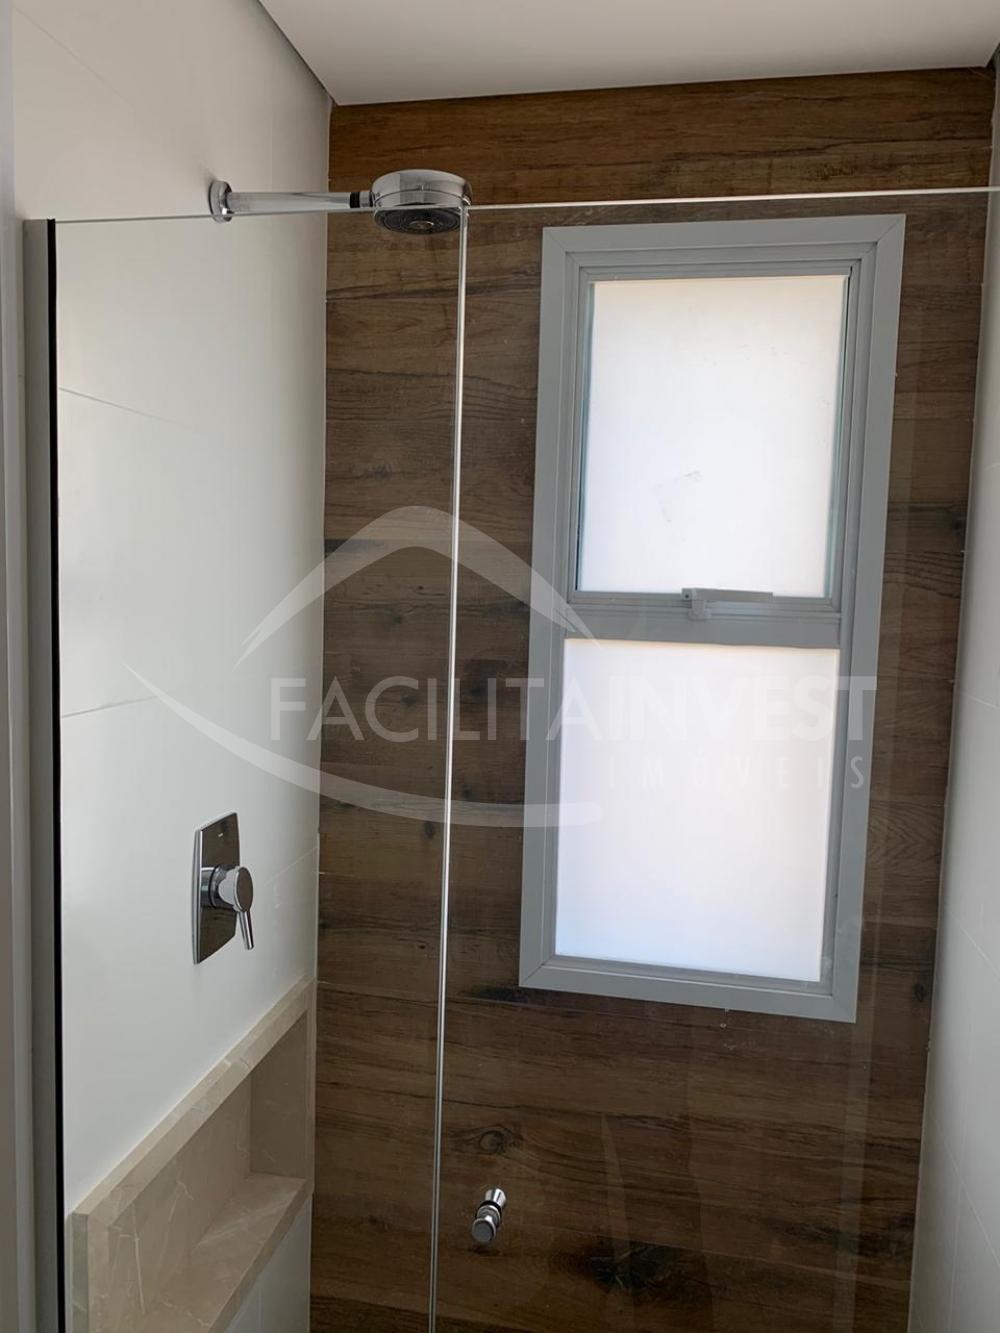 Comprar Apartamentos / Apart. Padrão em Ribeirão Preto apenas R$ 630.000,00 - Foto 12